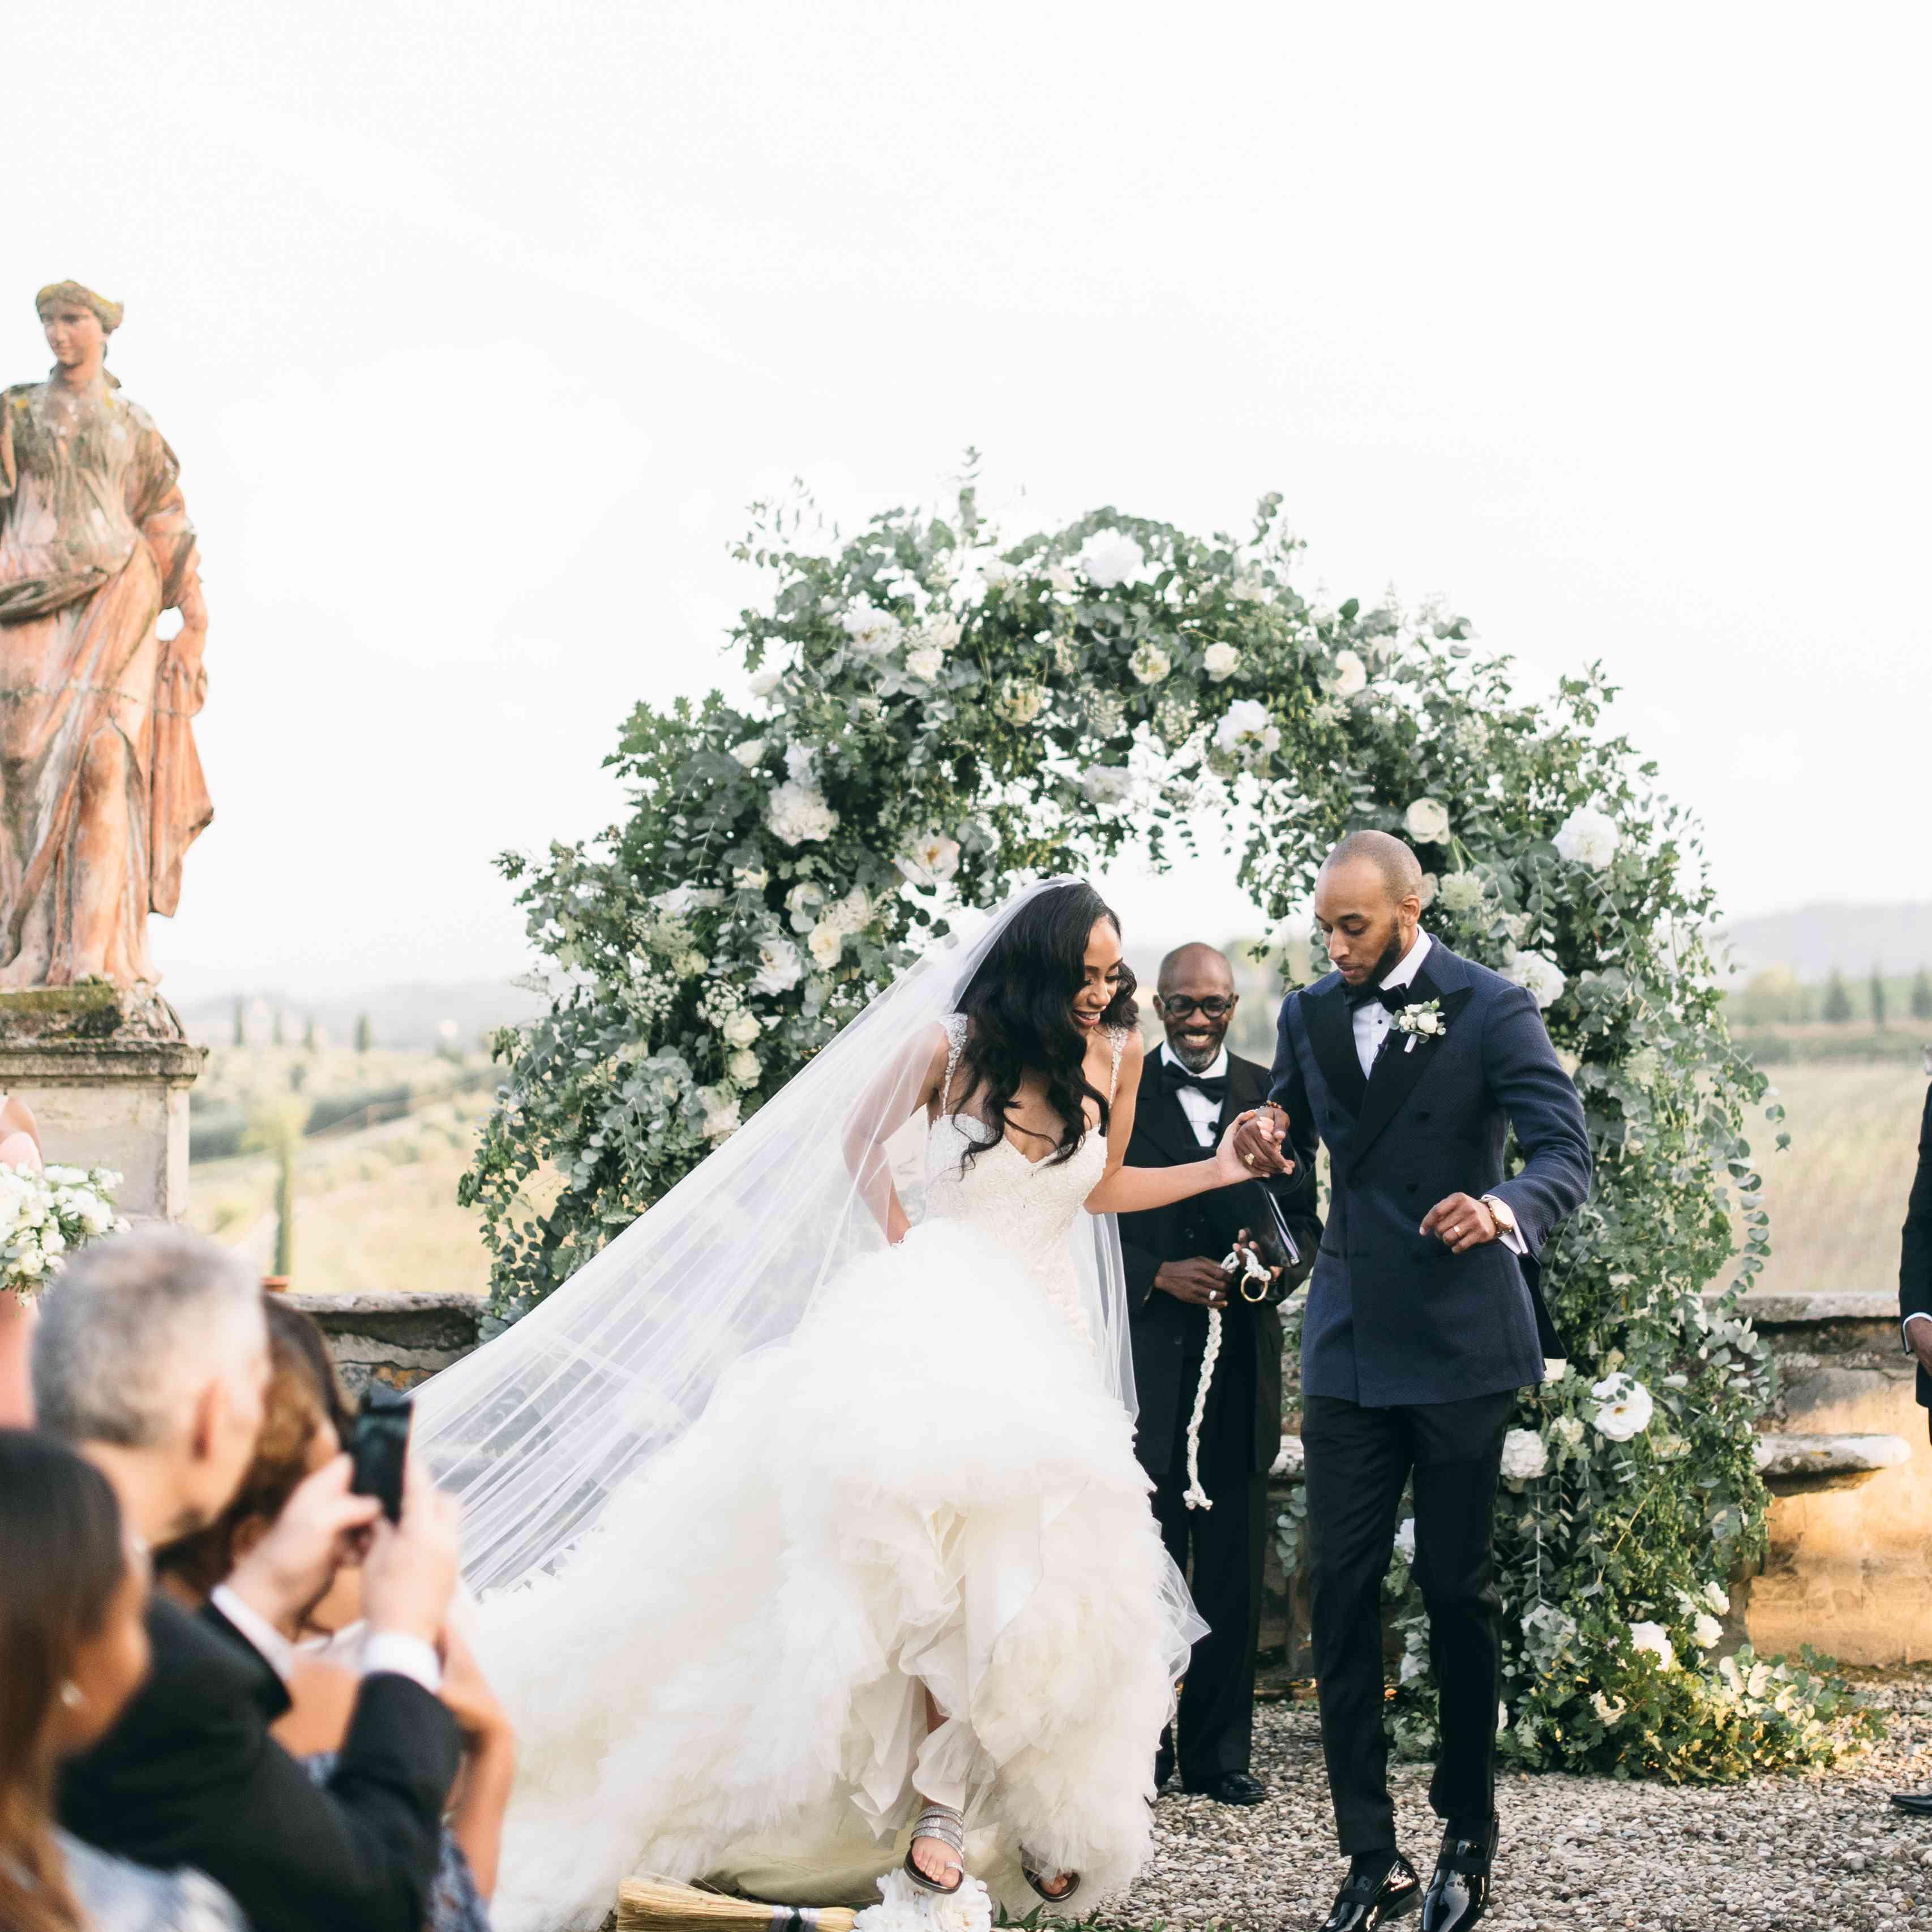 Couple leaving wedding ceremony